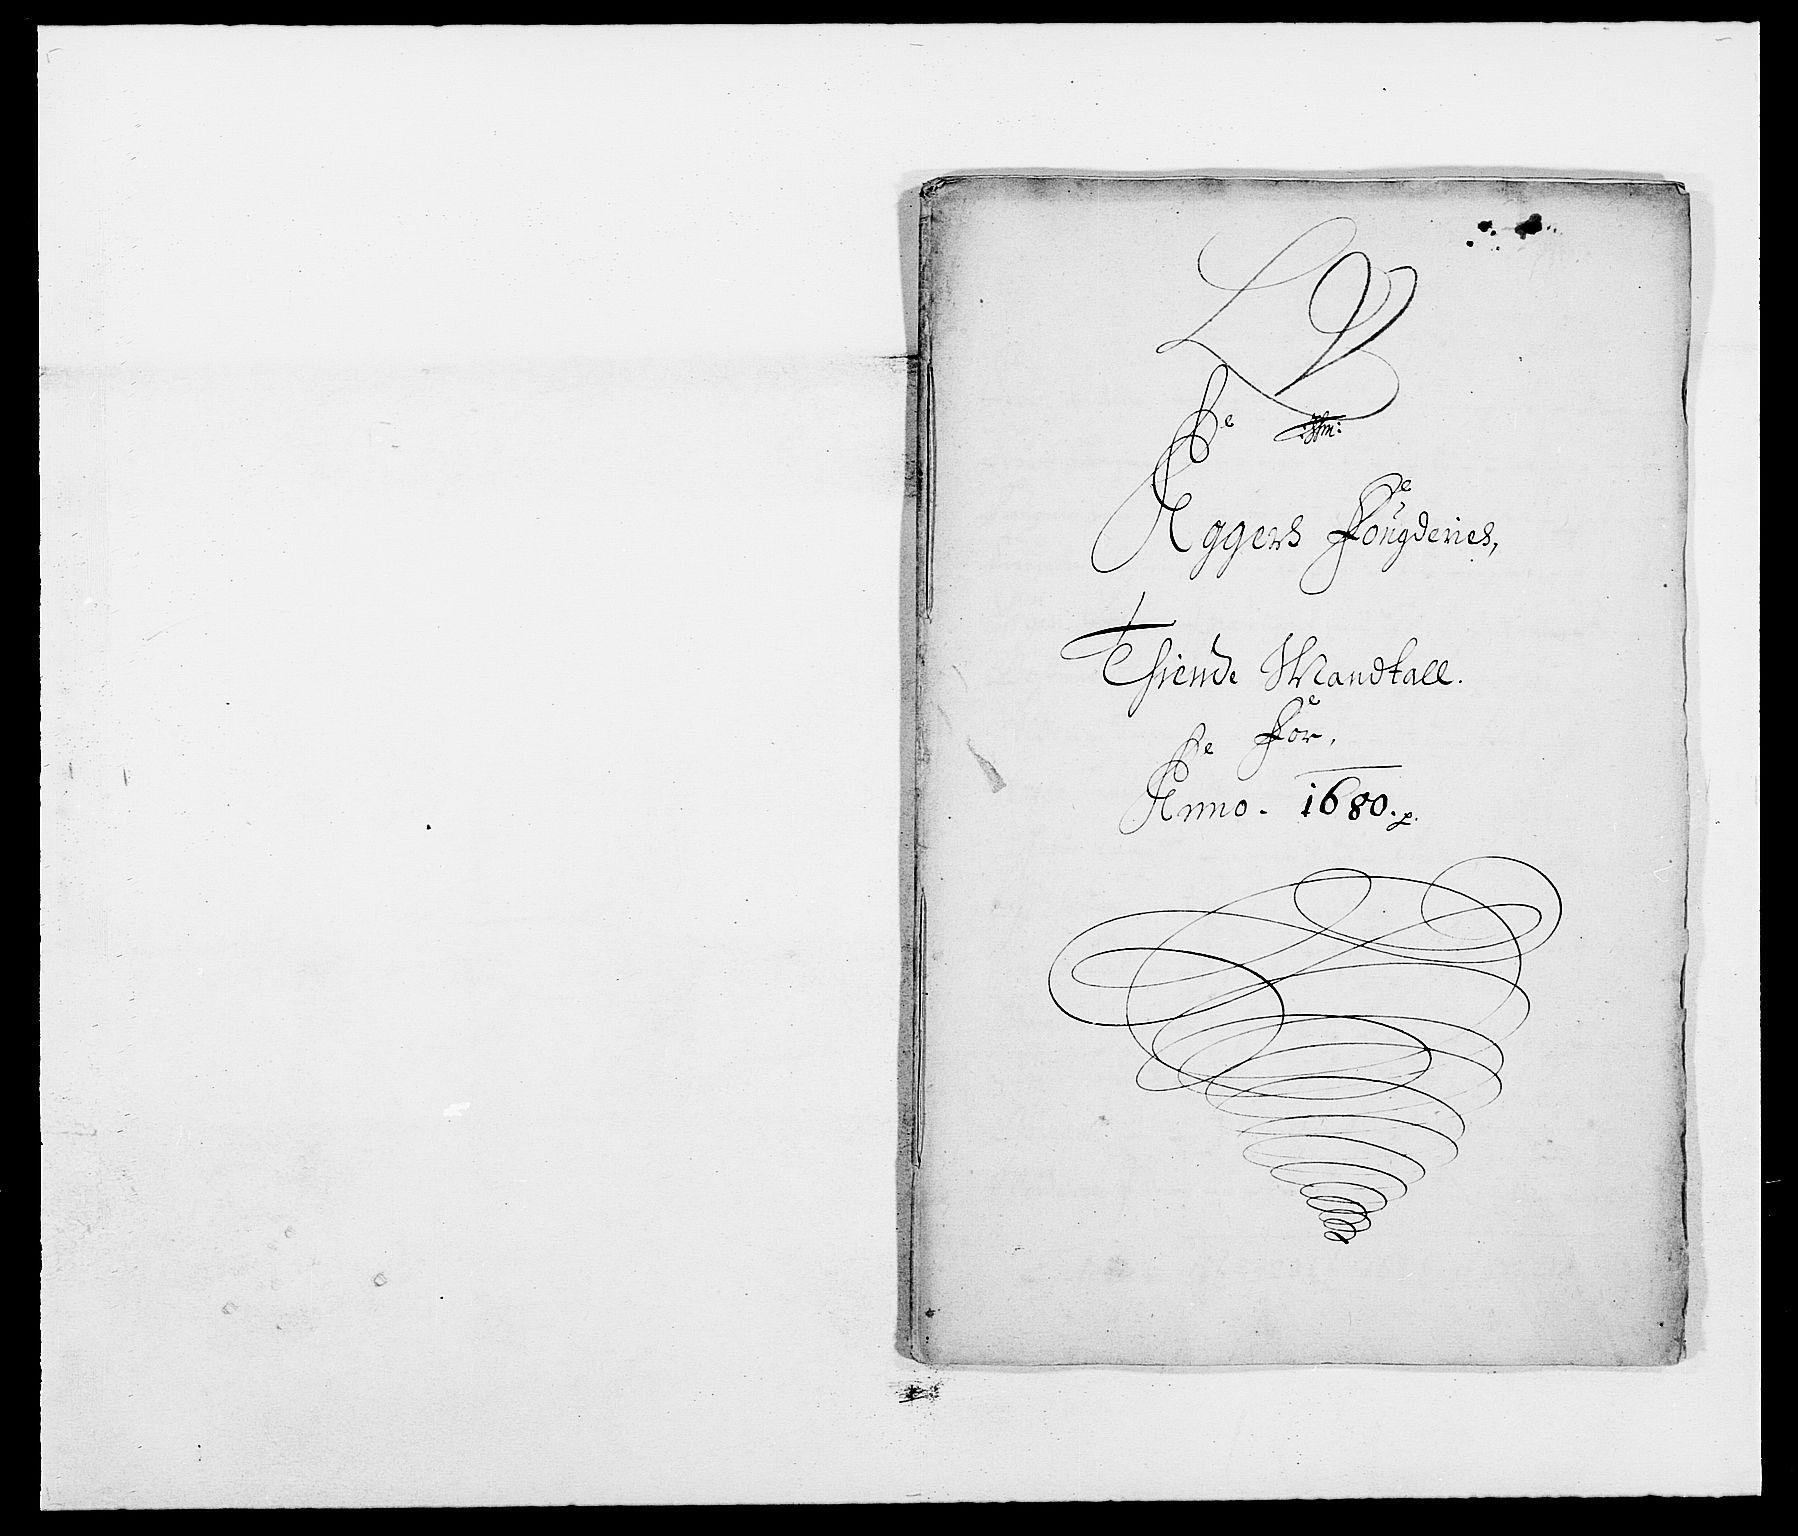 RA, Rentekammeret inntil 1814, Reviderte regnskaper, Fogderegnskap, R08/L0417: Fogderegnskap Aker, 1678-1681, s. 44